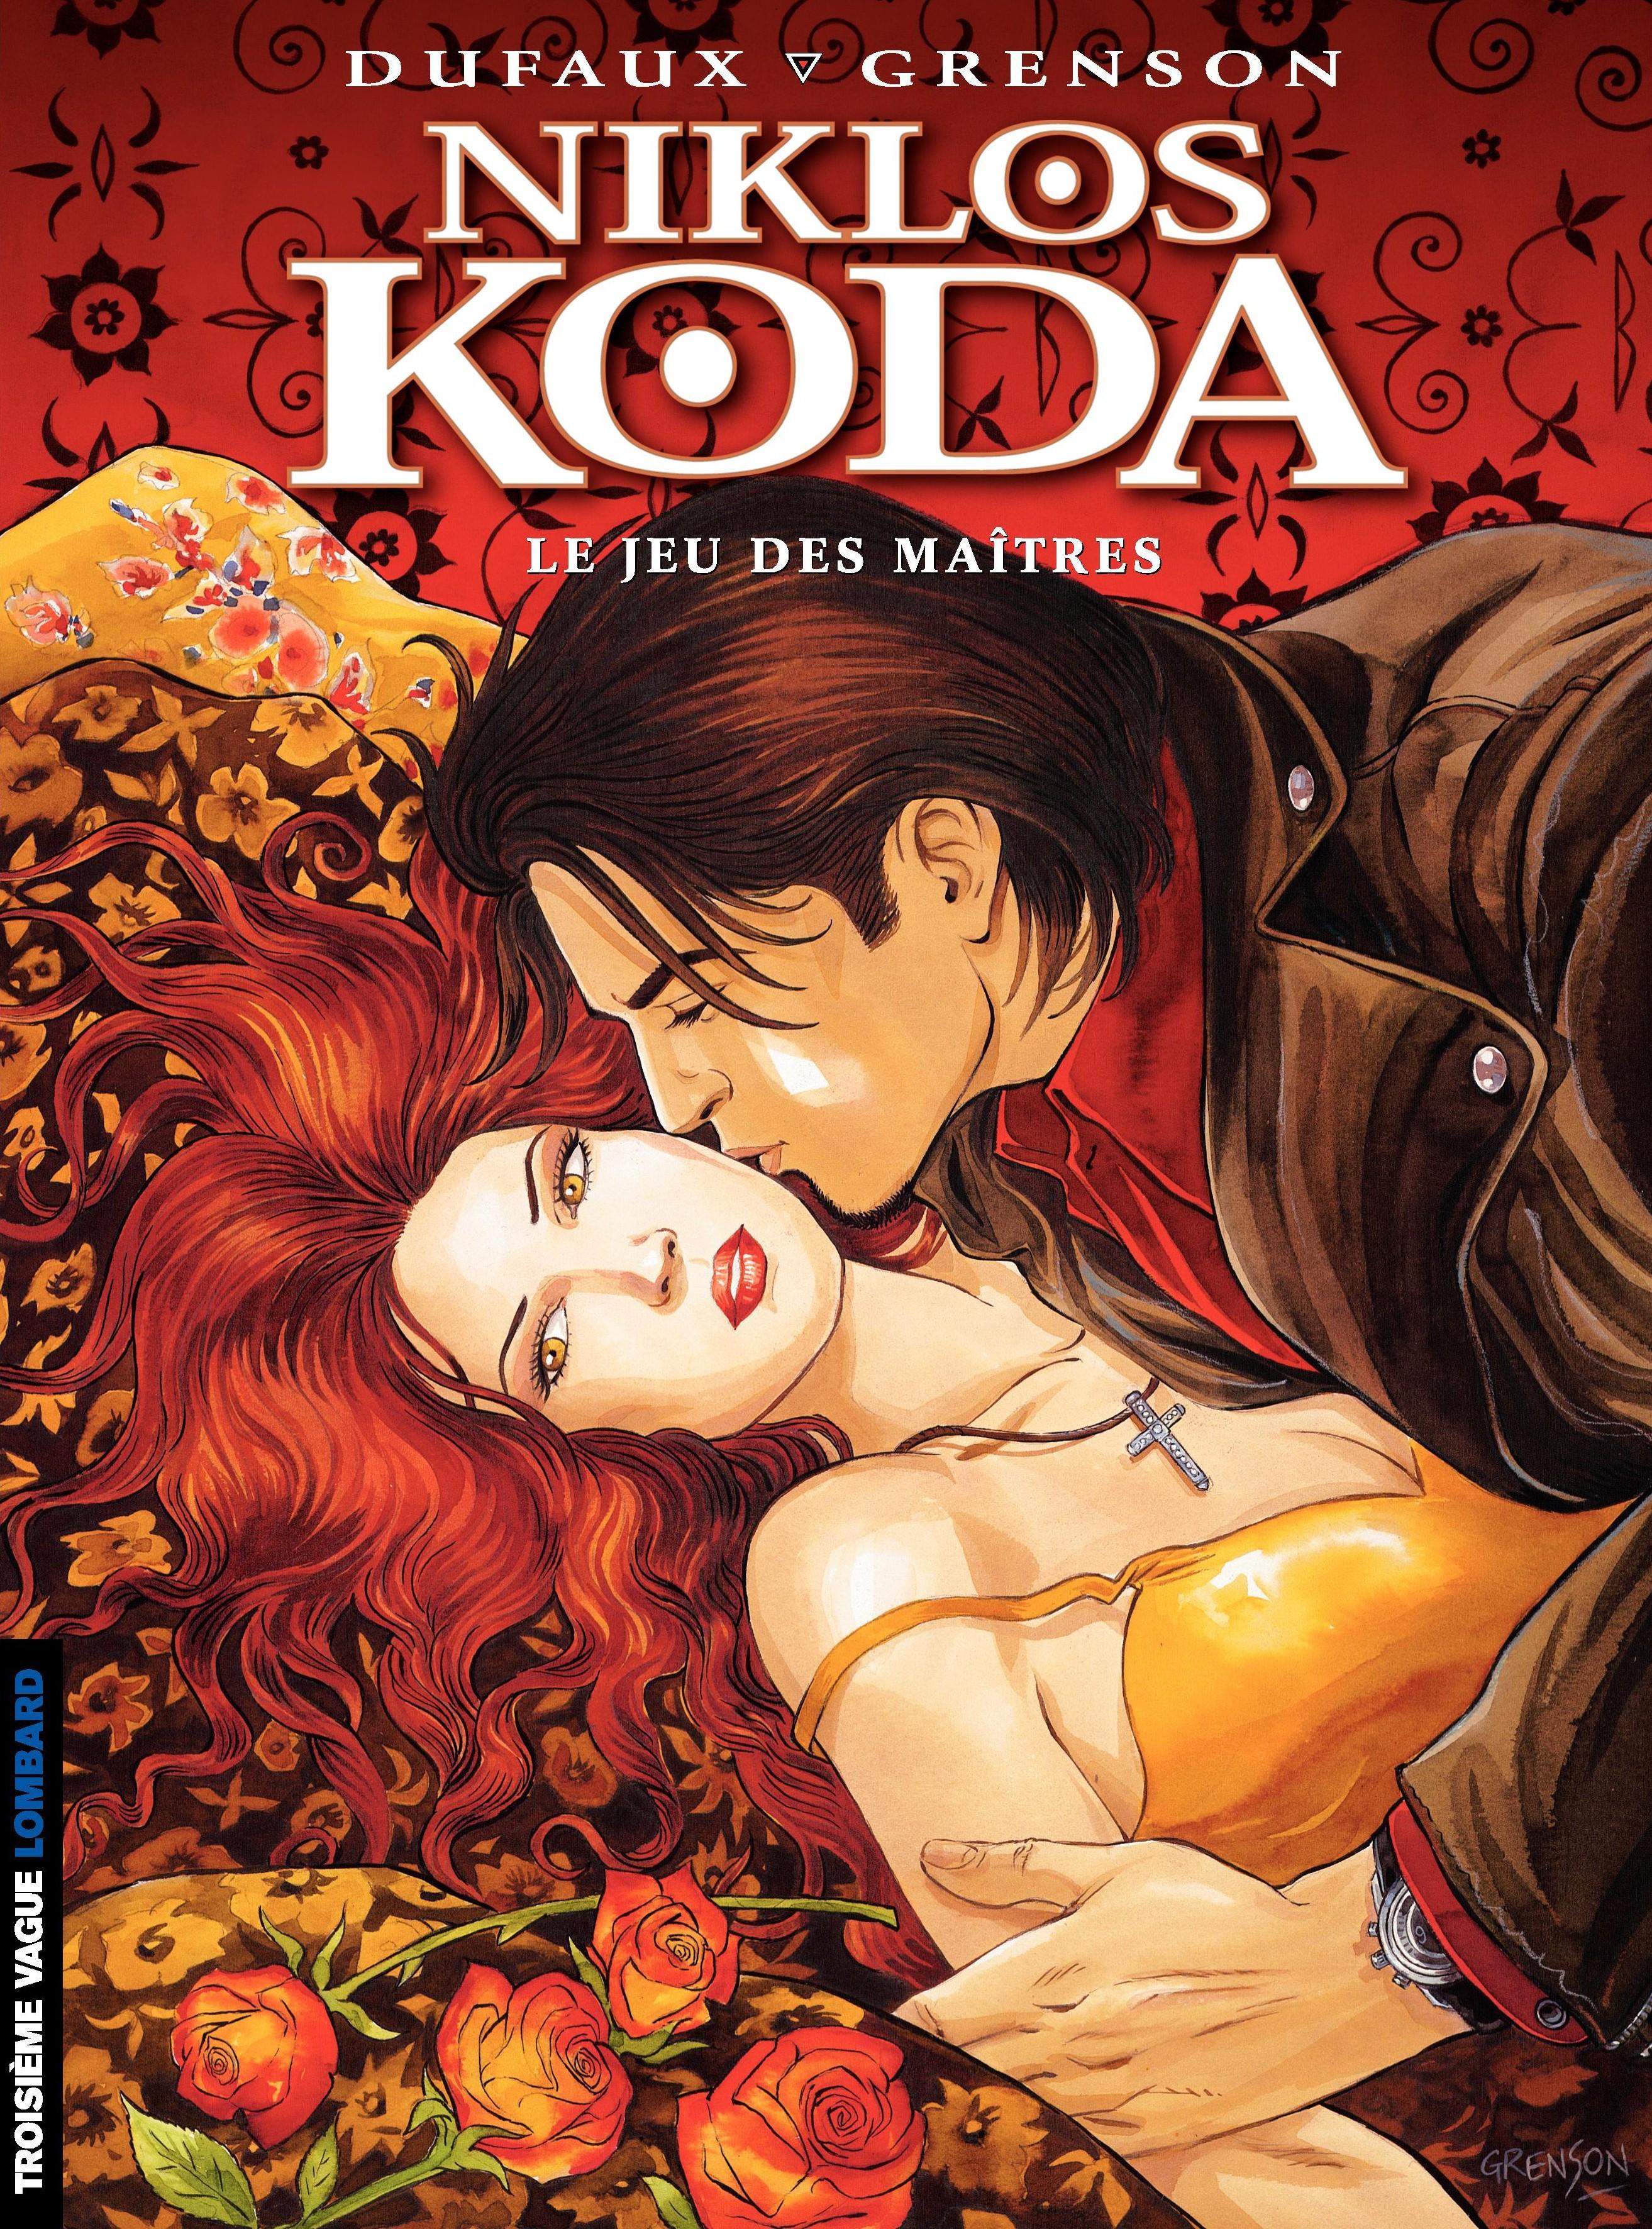 Niklos Koda – tome 8 - Le Jeu des Maîtres